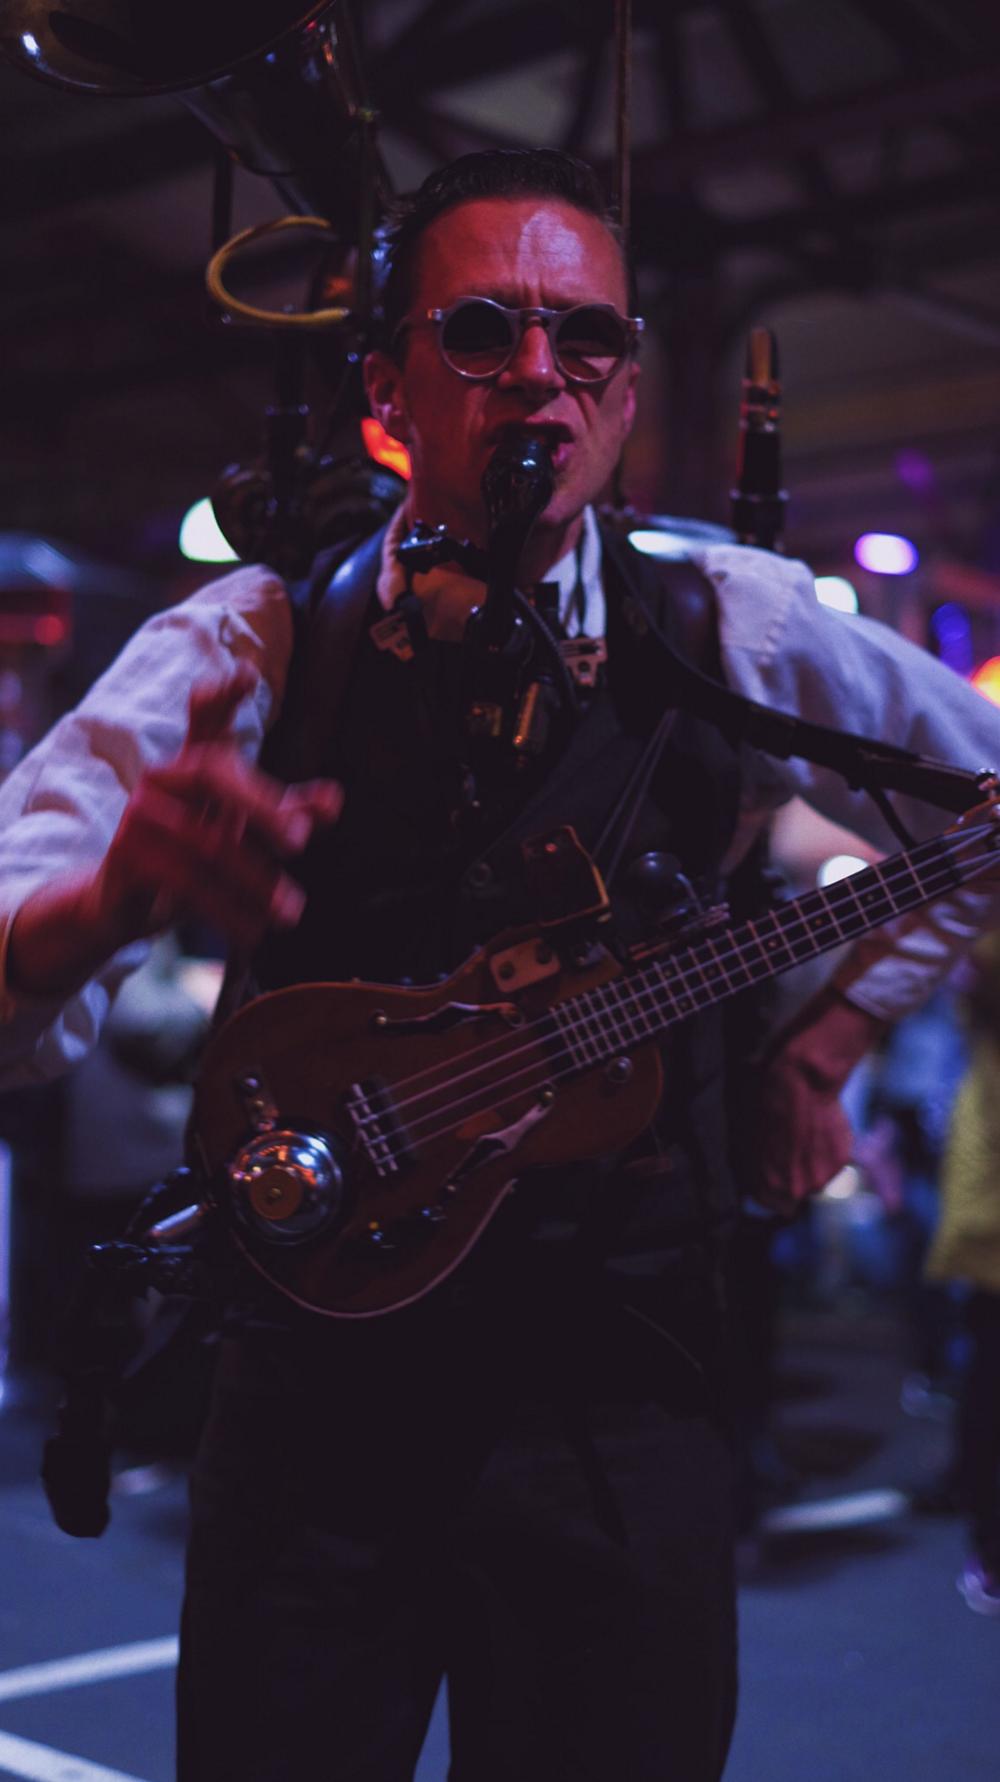 Bandman2.jpeg